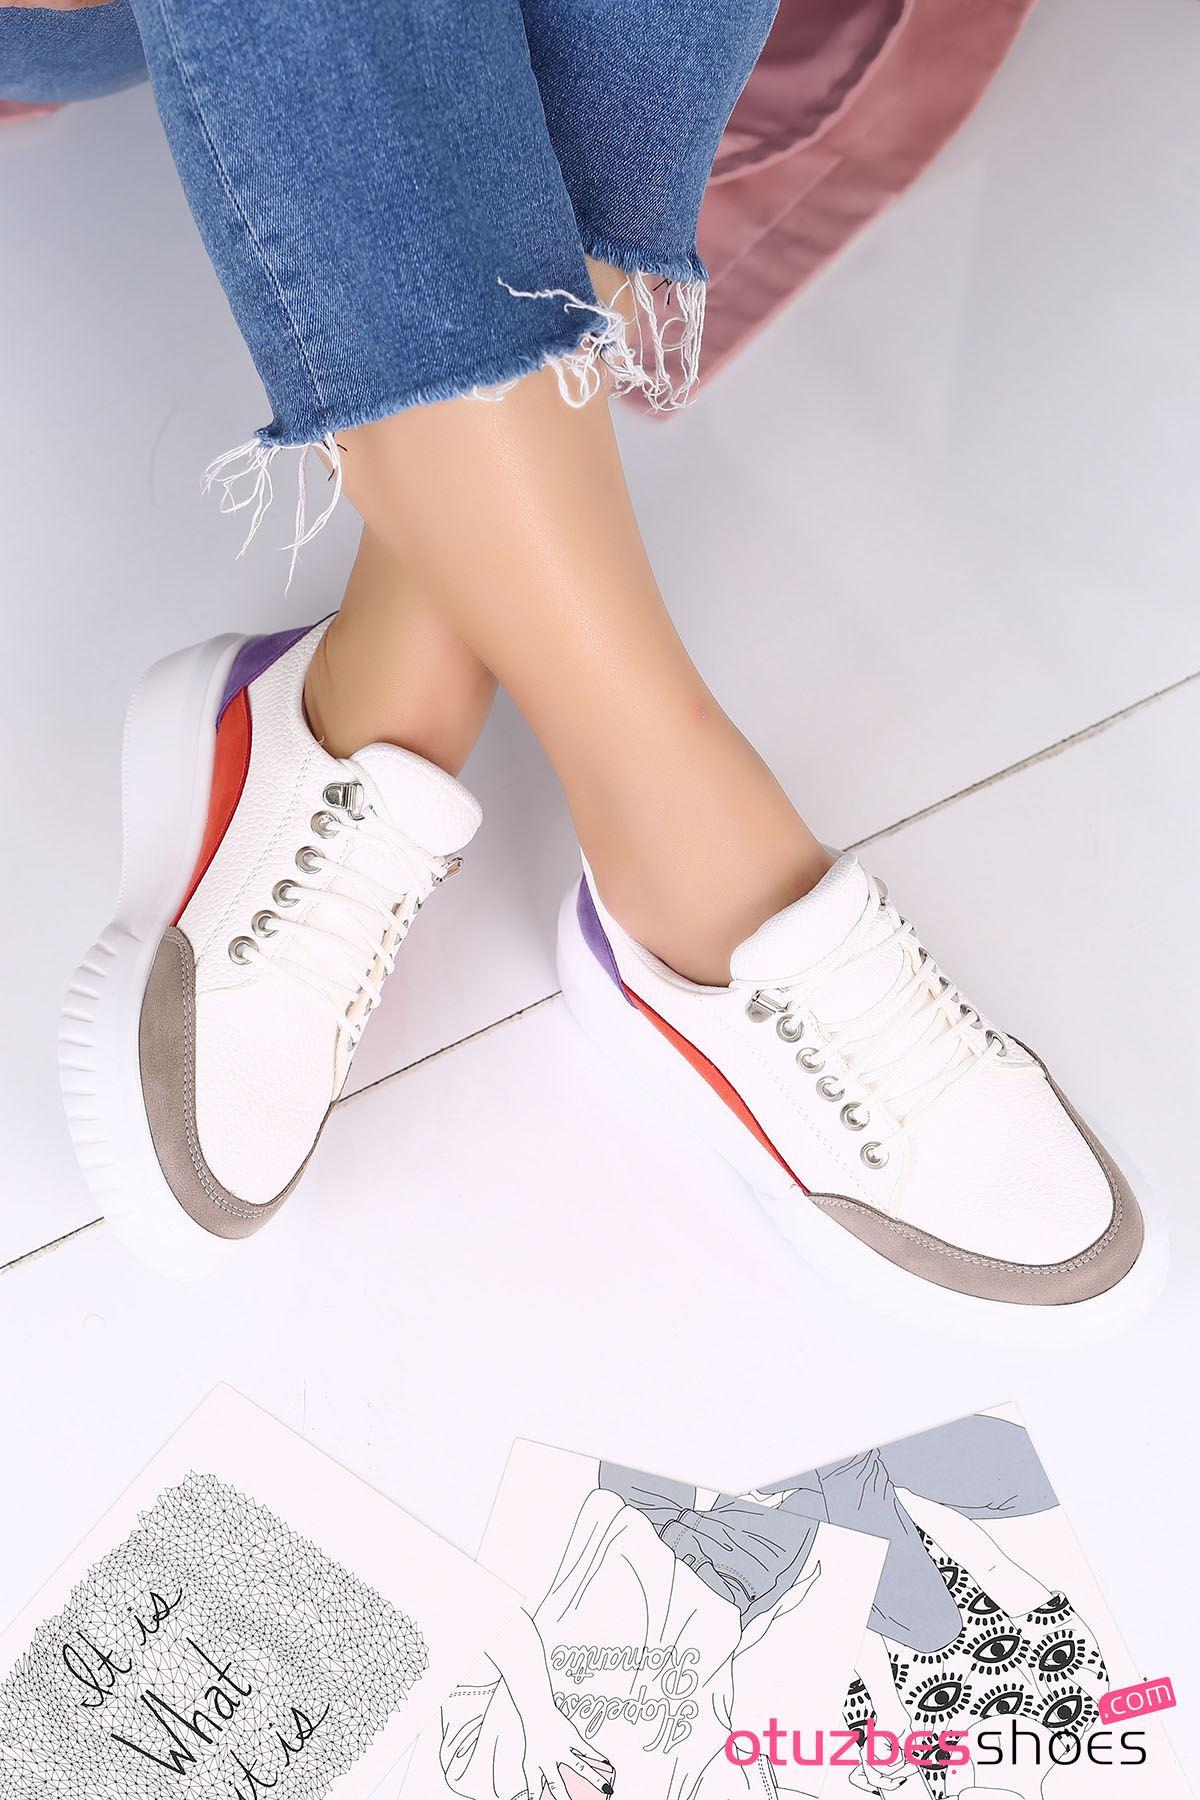 Dolly Mat Deri Renk Detaylı Kalın Taban Günlük Ayakkabı Gri